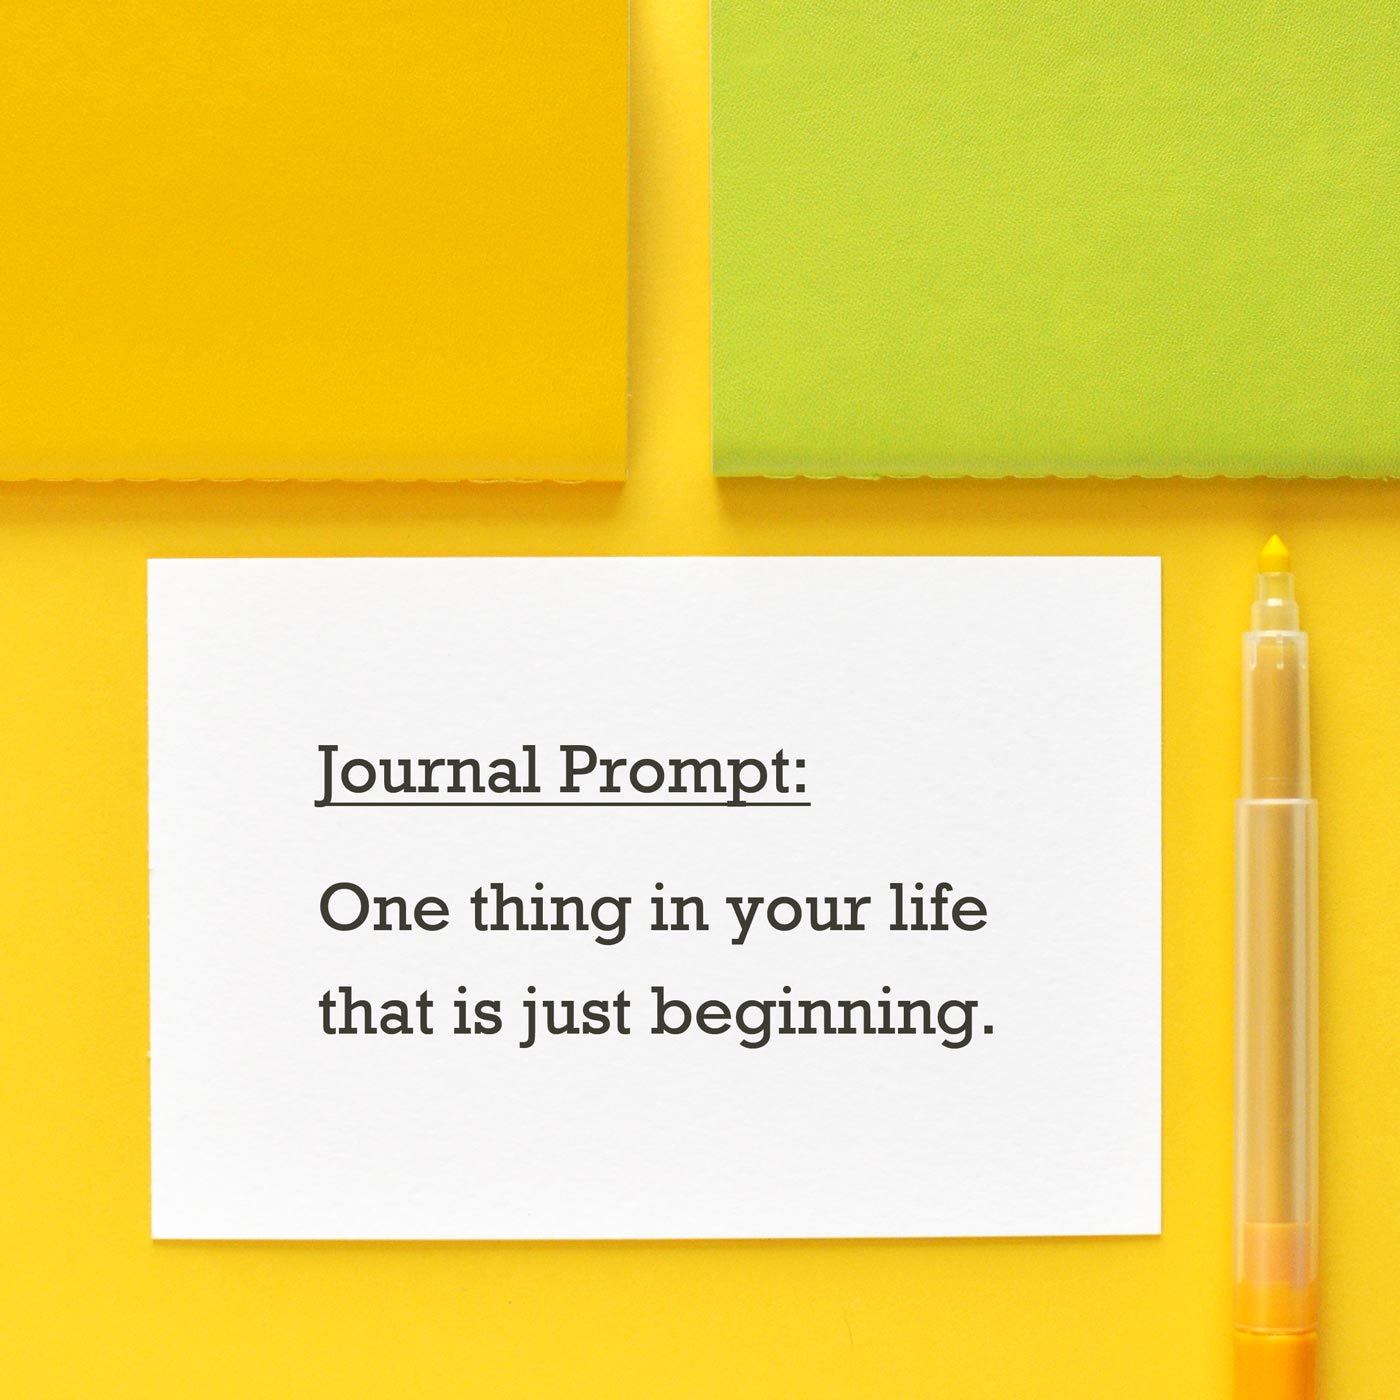 05-02-2018---Journal-prompt-by-Christie-Zimmer.jpg